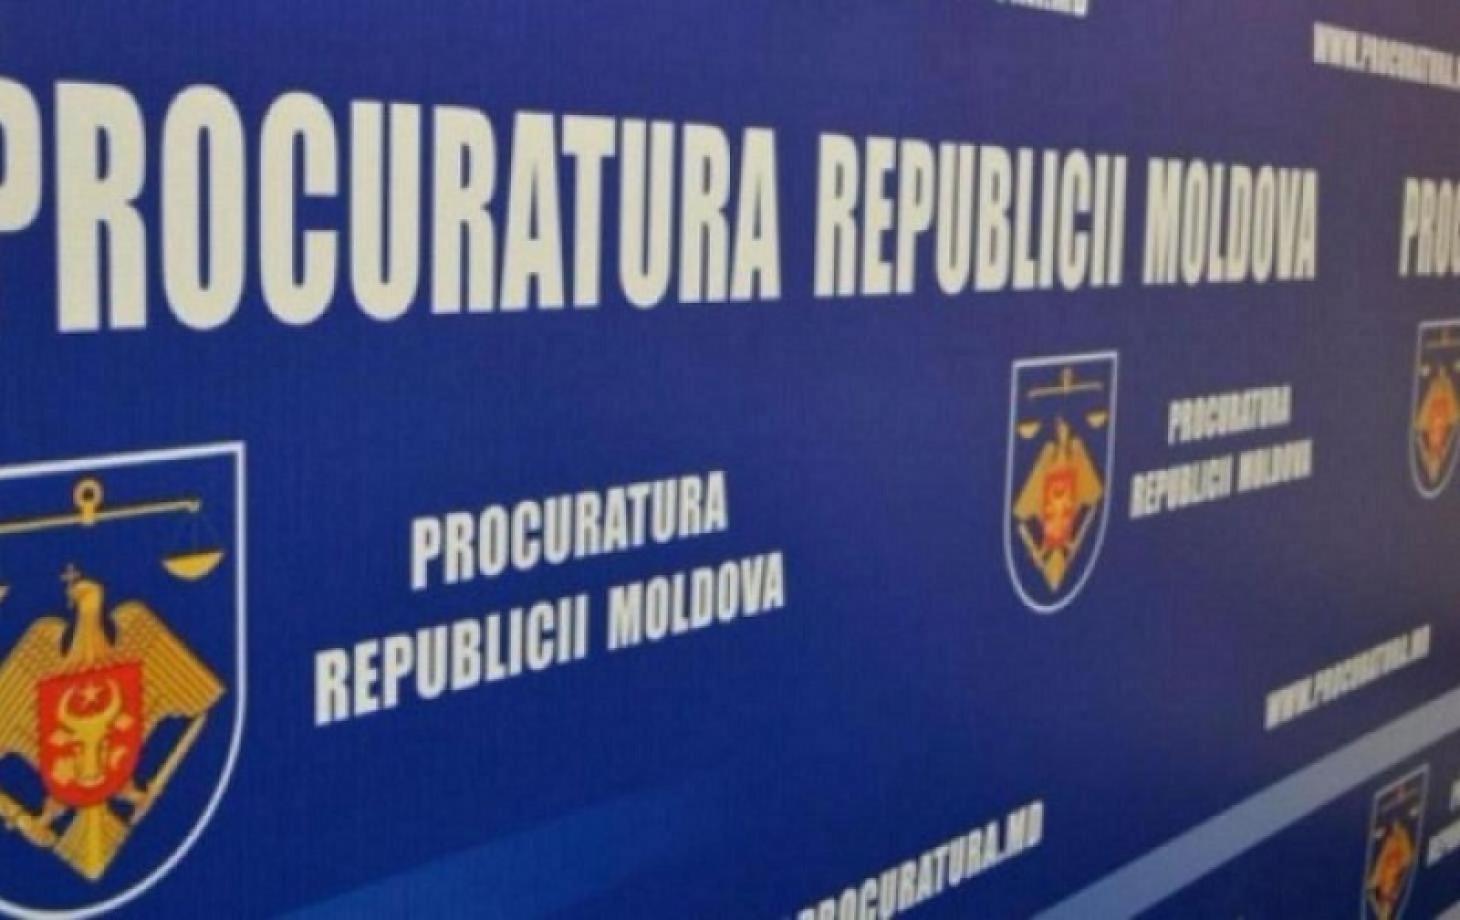 Список кандидатов, претендующих на должность генерального прокурора